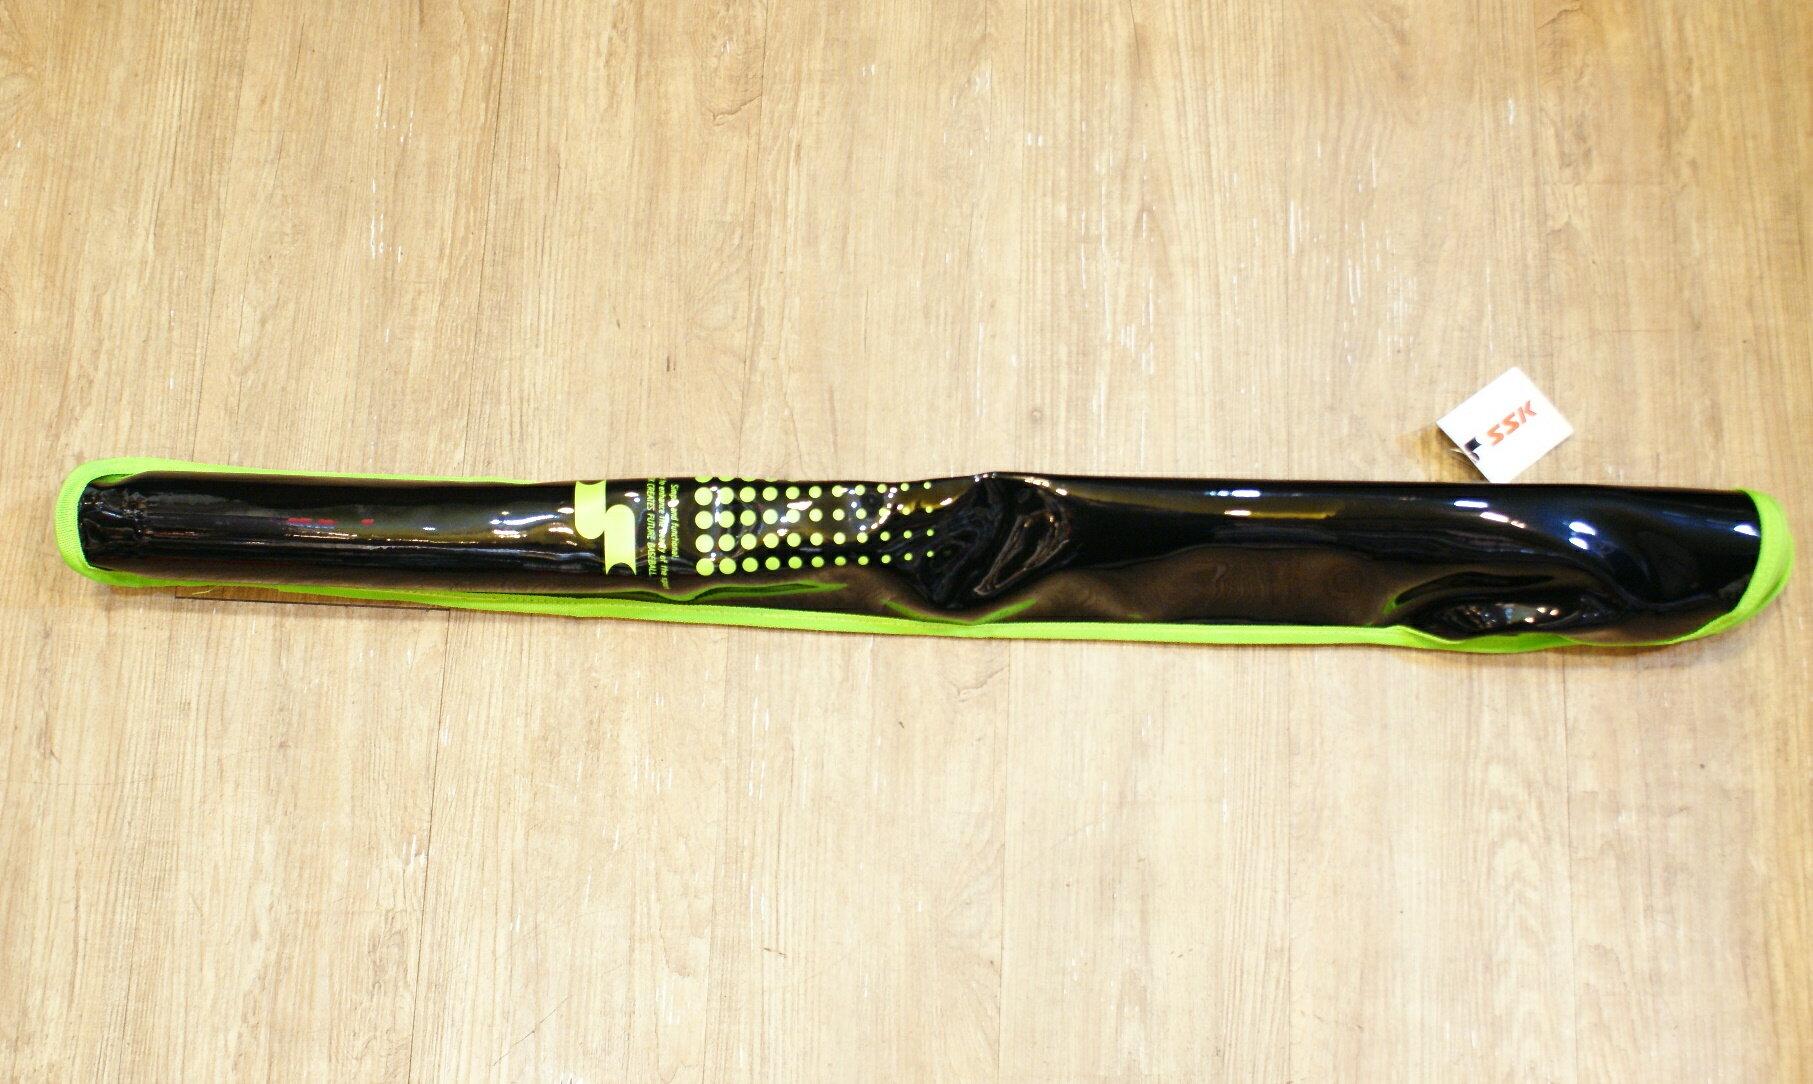 棒球世界全新SSK單支裝球棒袋 特價 黑綠配色